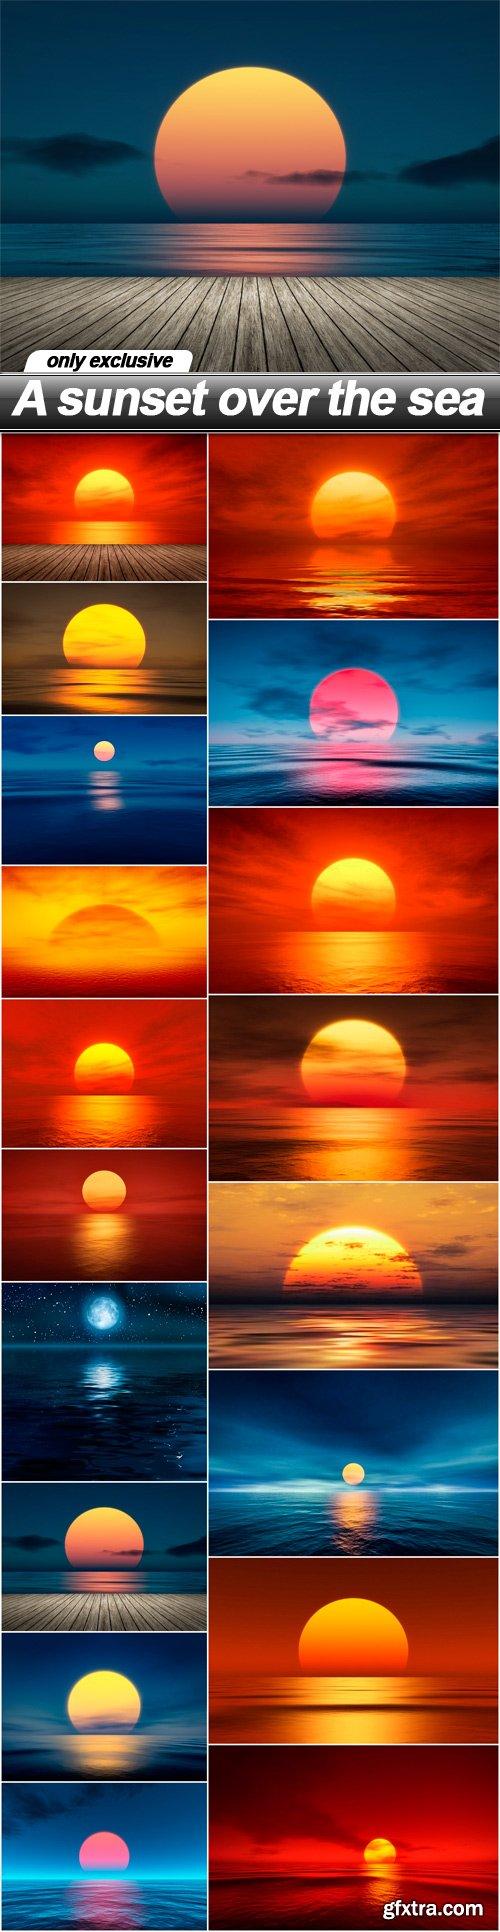 A sunset over the sea - 18 UHQ JPEG